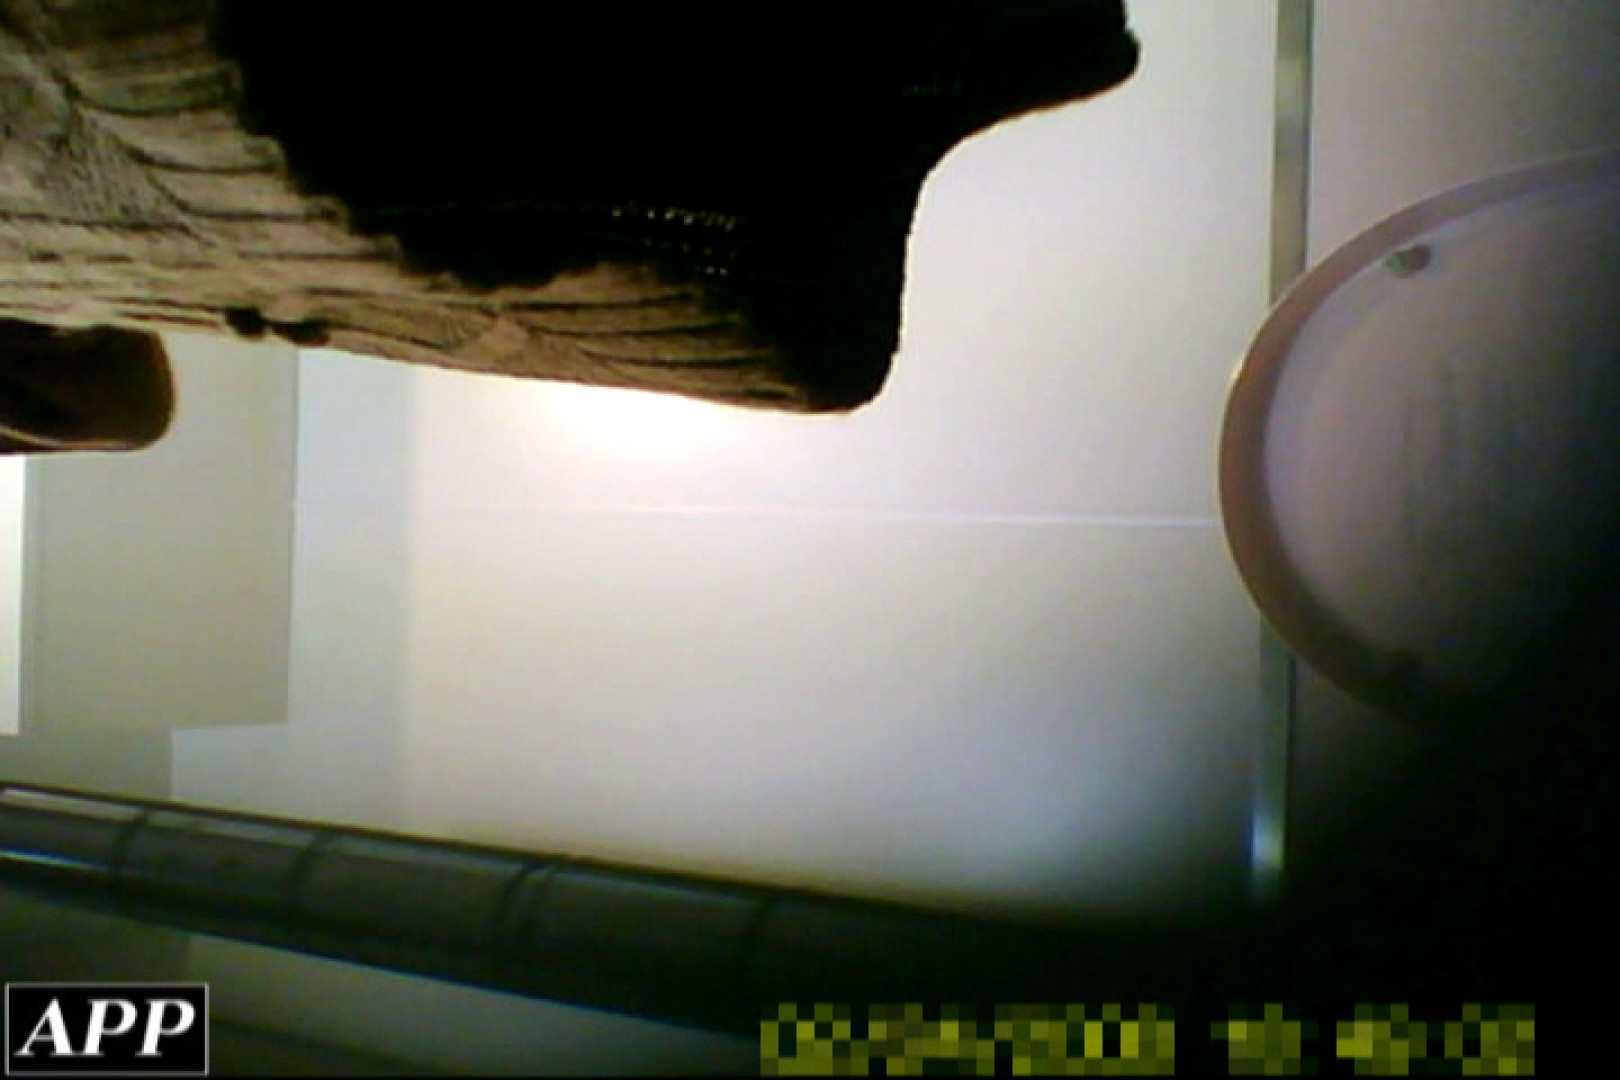 3視点洗面所 vol.001 いやらしいOL エロ画像 65連発 17